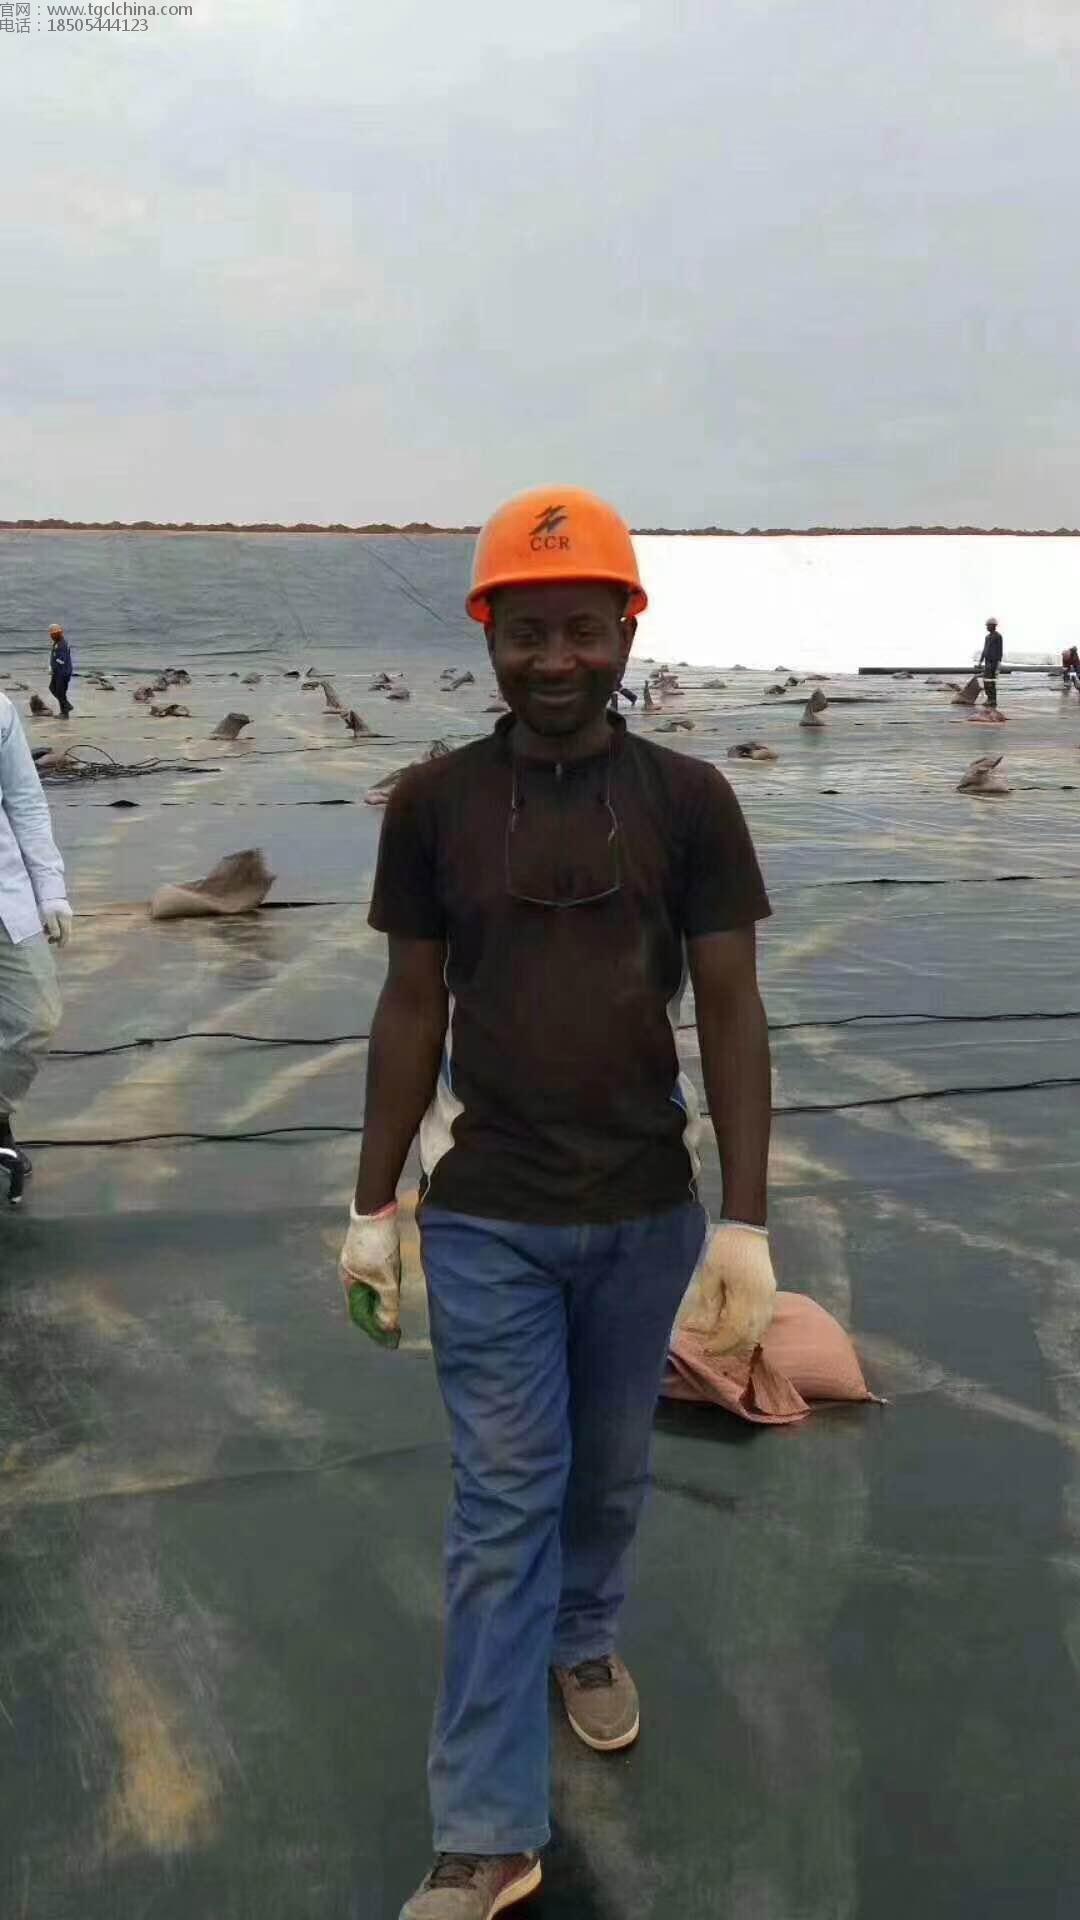 格鲁吉亚污水池土工膜铺设现场,采用1.5mm土工膜国外友人铺设焊接